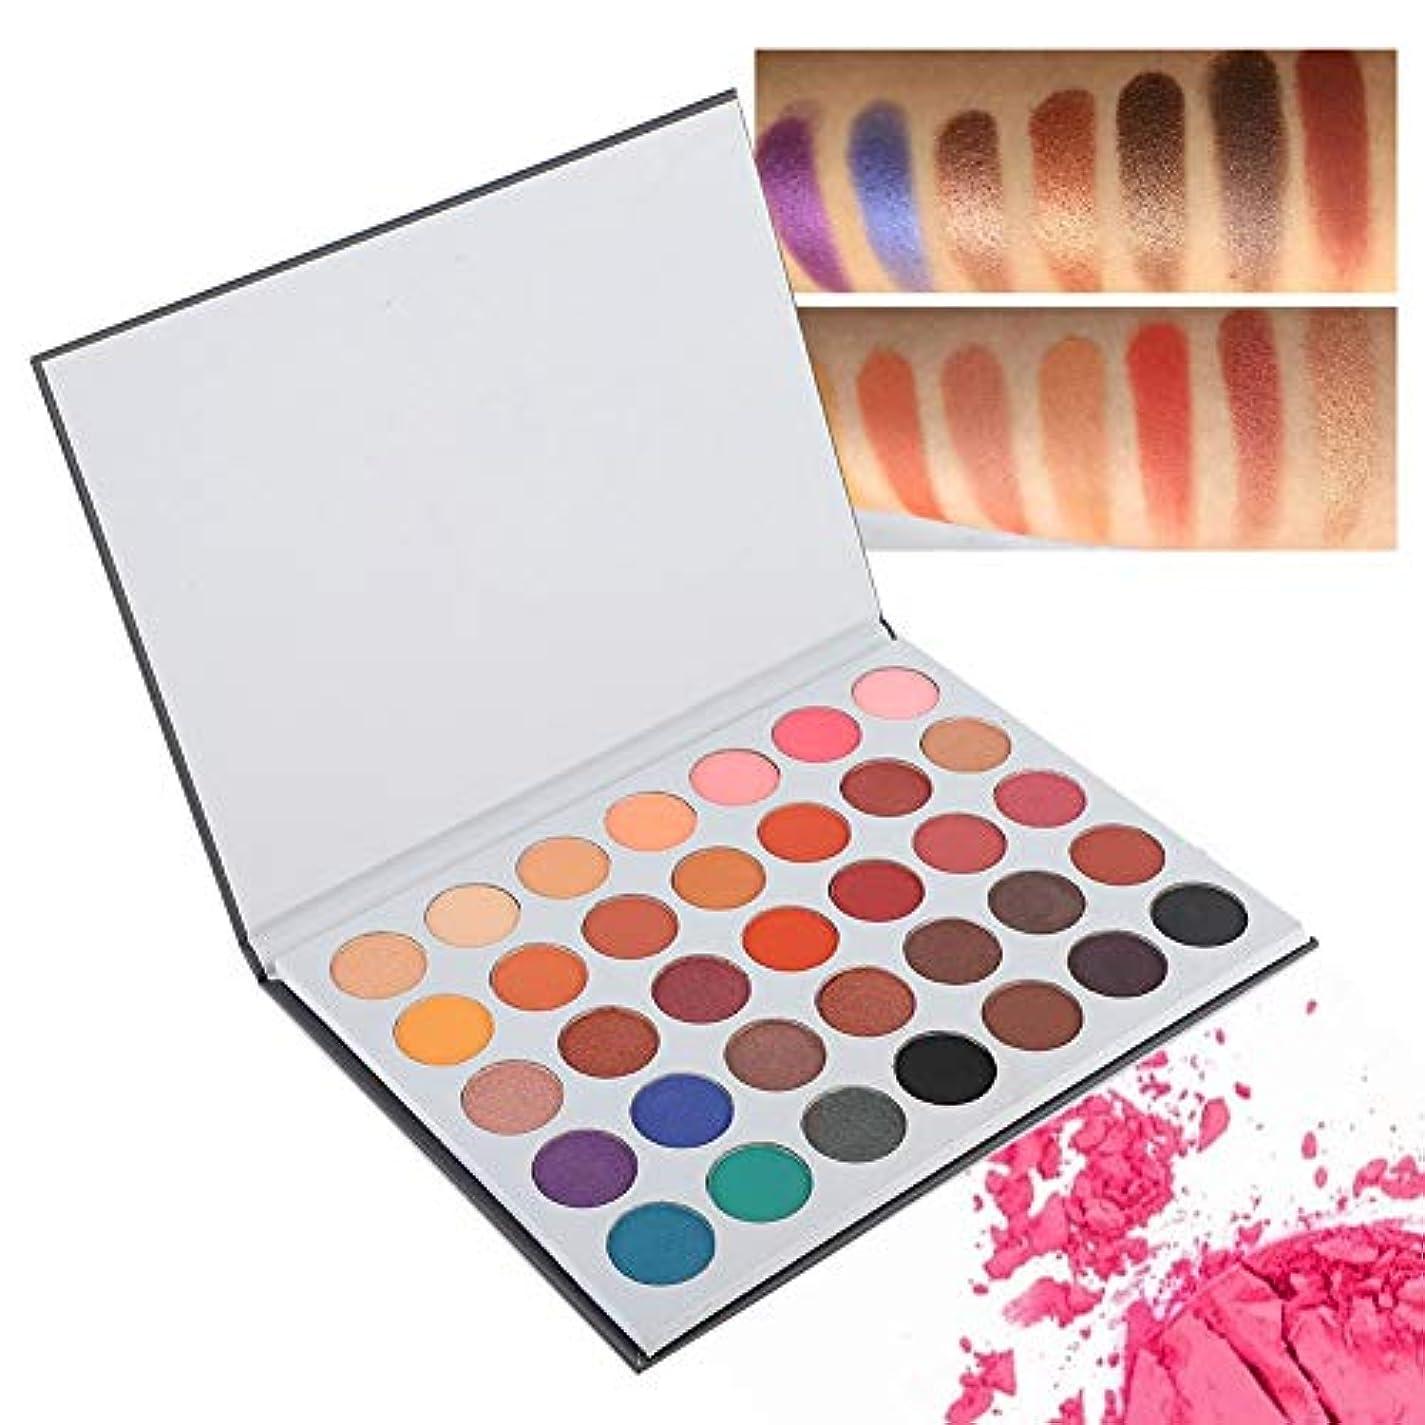 パトロントラップふくろう35色アイシャドウパレット、アイシャドウパレット化粧マットグロスアイシャドウパウダー化粧品ツール(02)